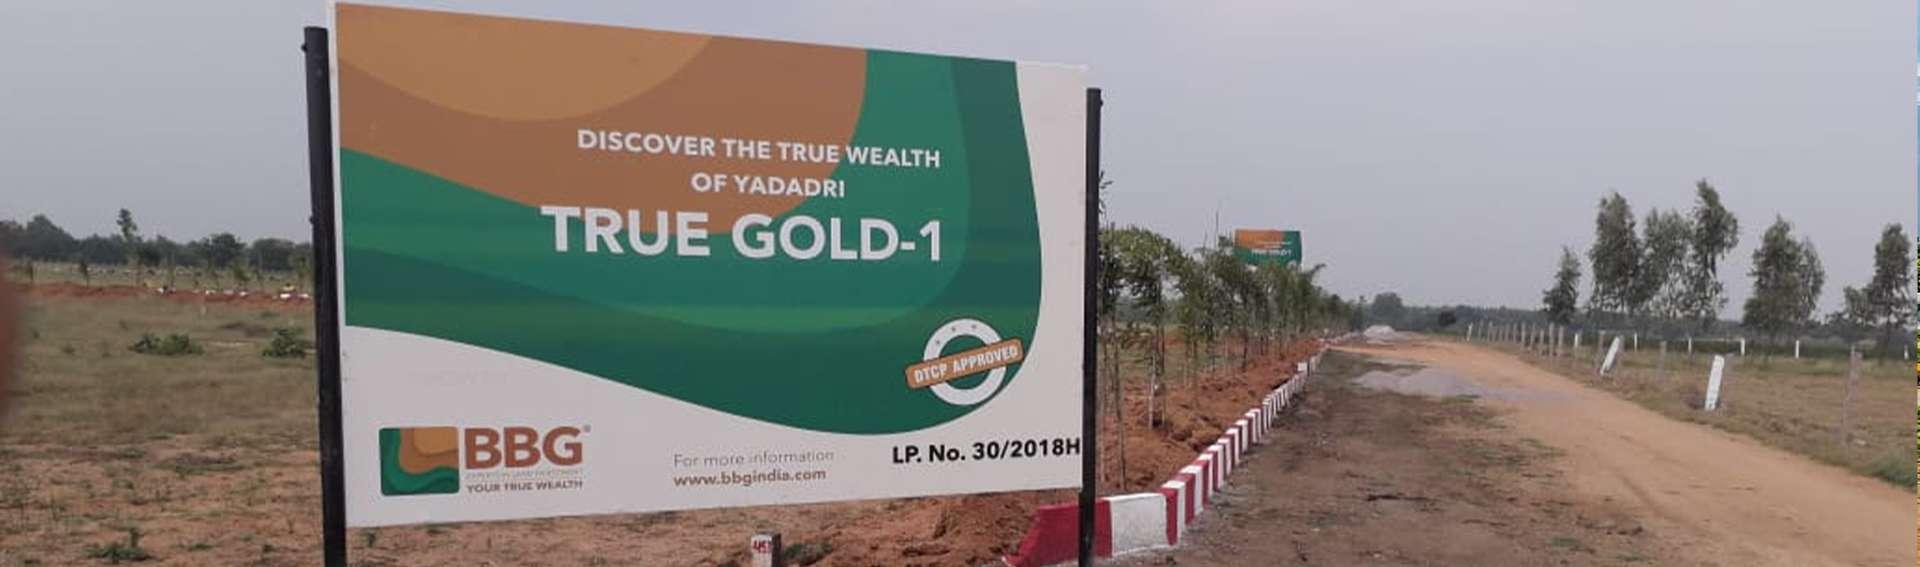 TRUE GOLD - 1@YADADRI